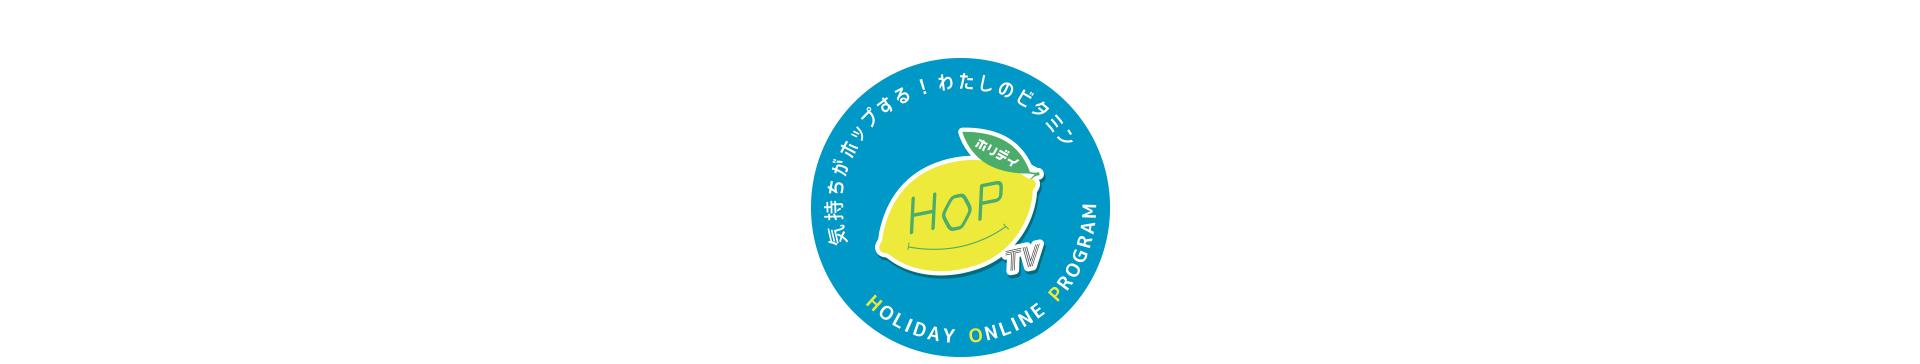 HOP.tvロゴ